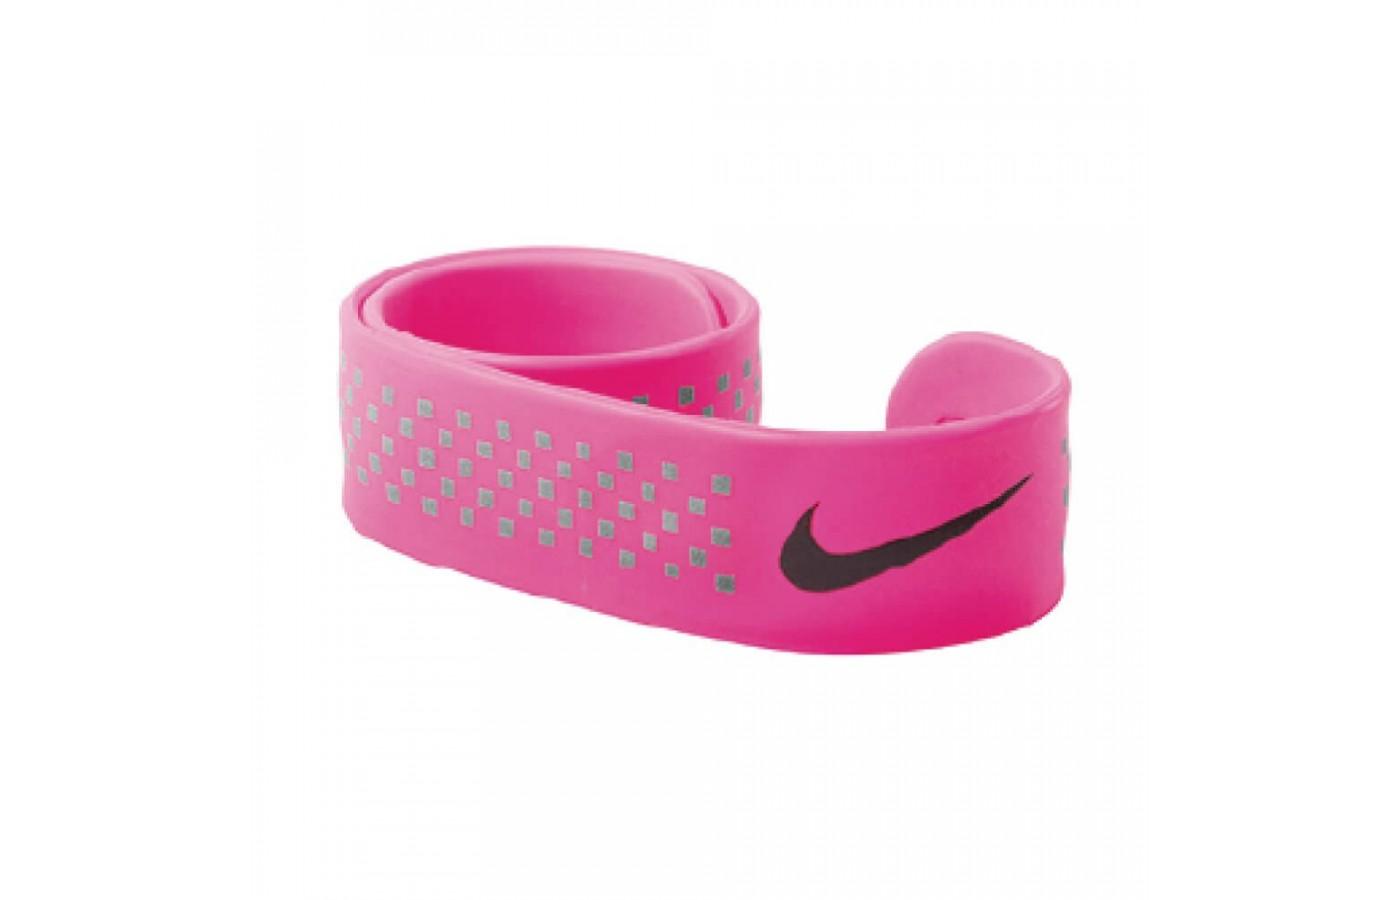 Nike Running Slap Band 2.0 Pink